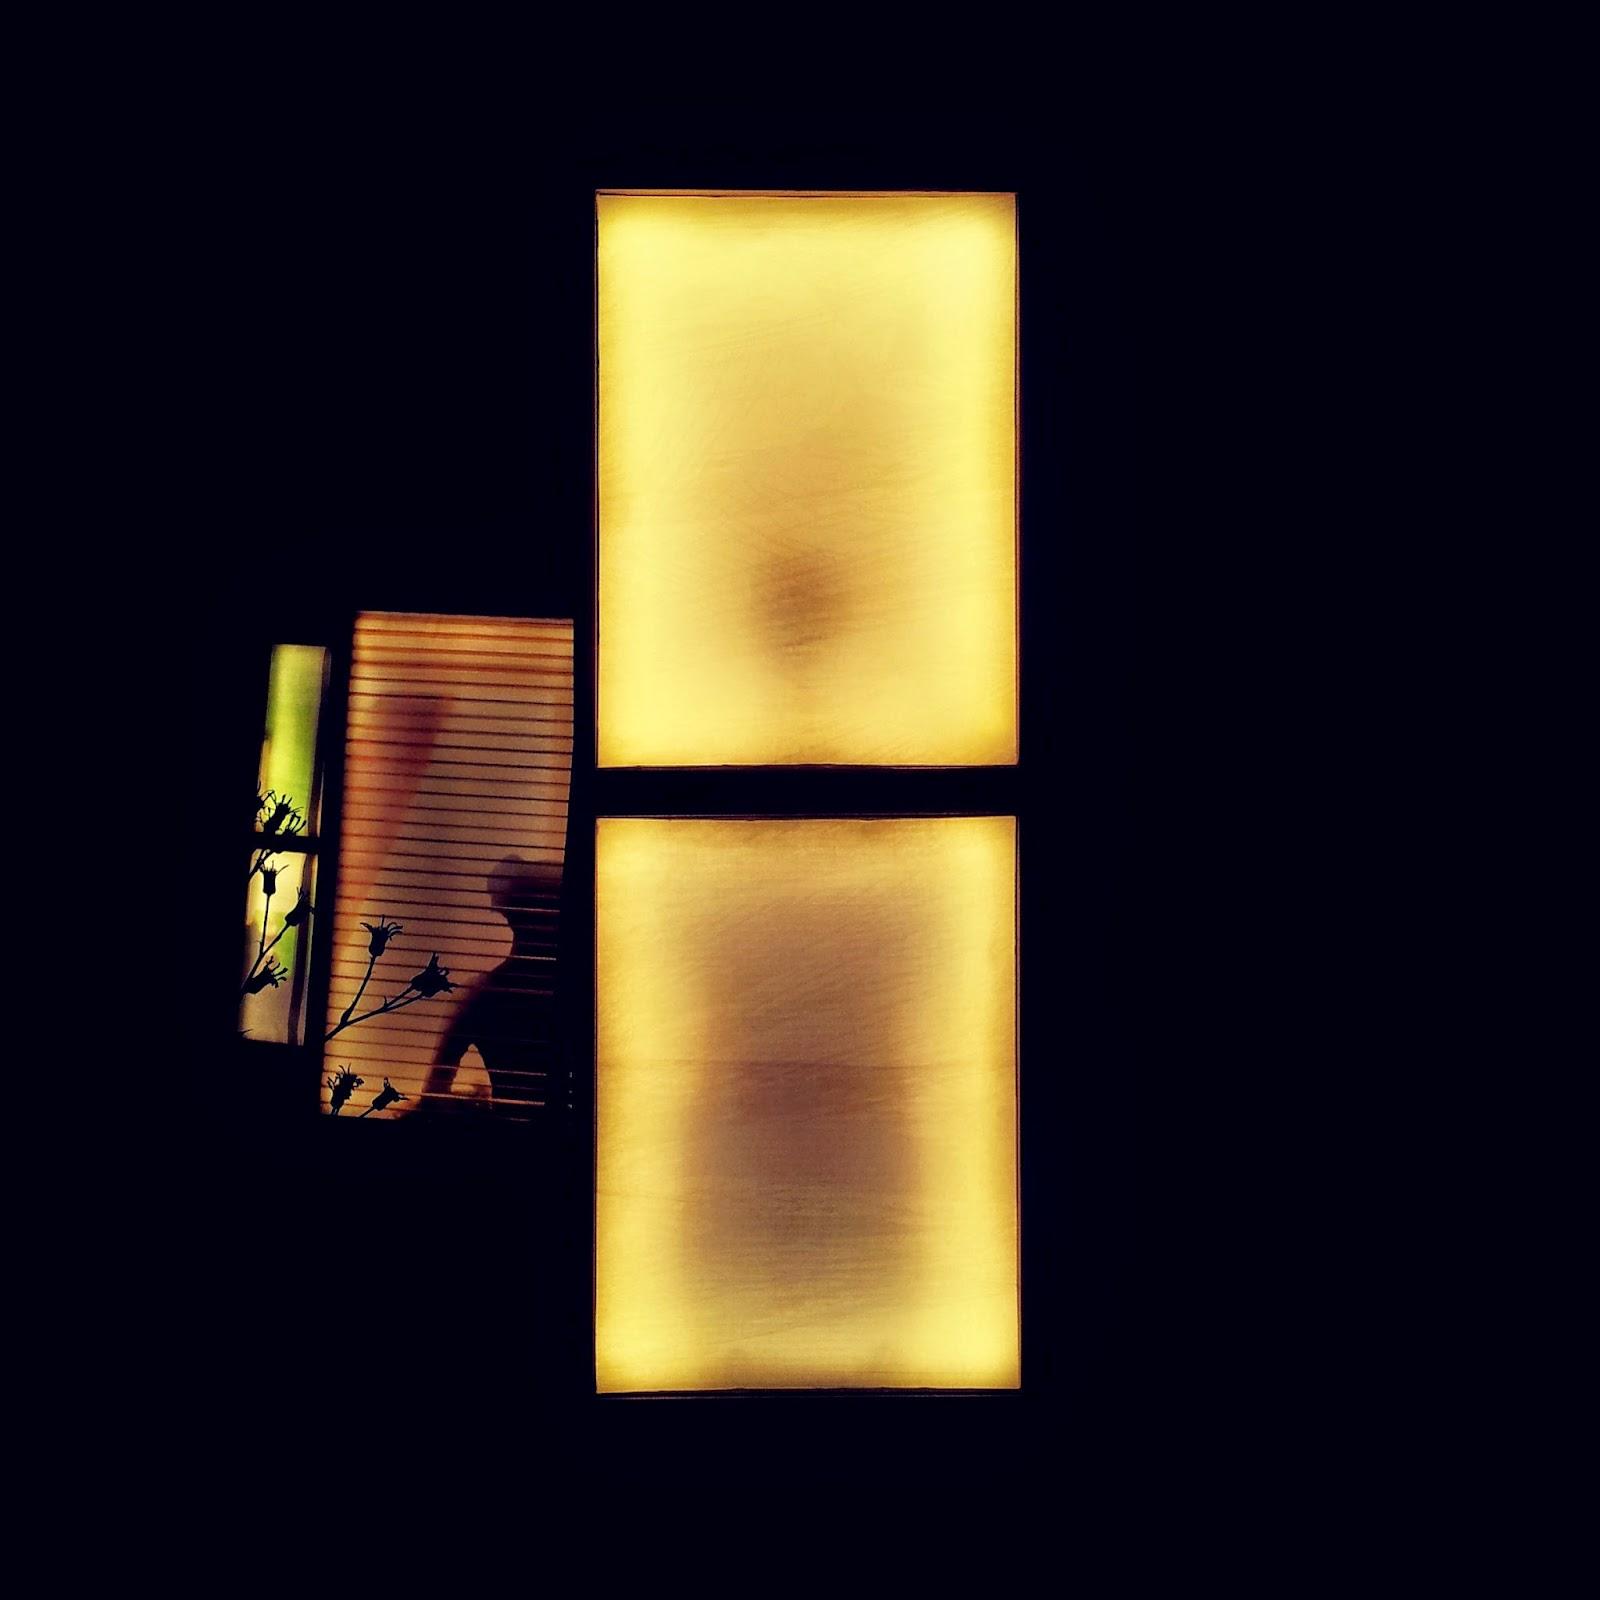 Sian por la luz de la ventana